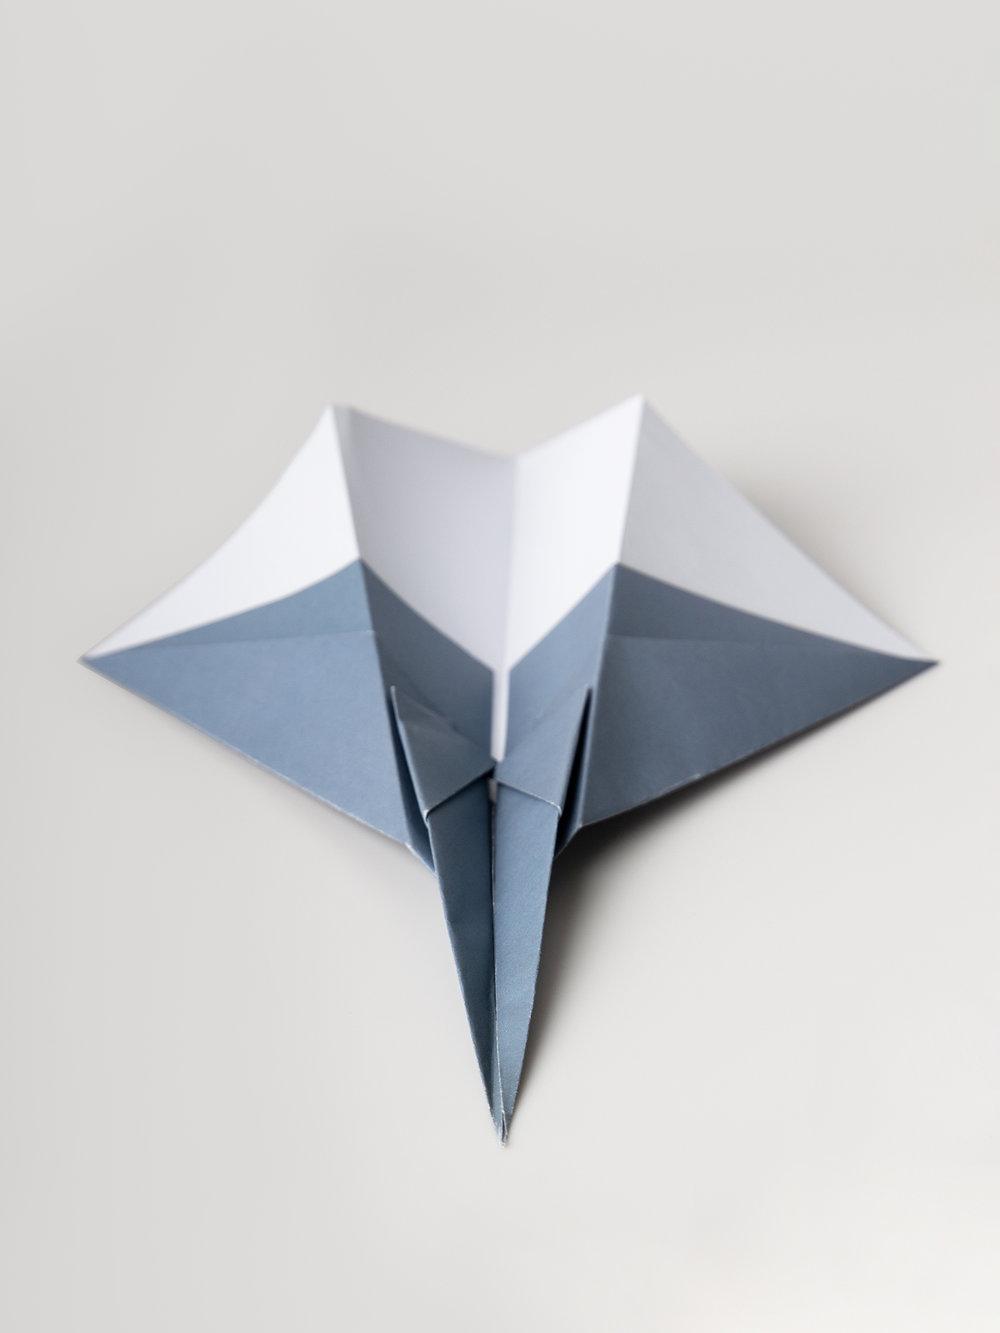 Origami Figur Papierdüsenflieger  Origami figure Paperjet